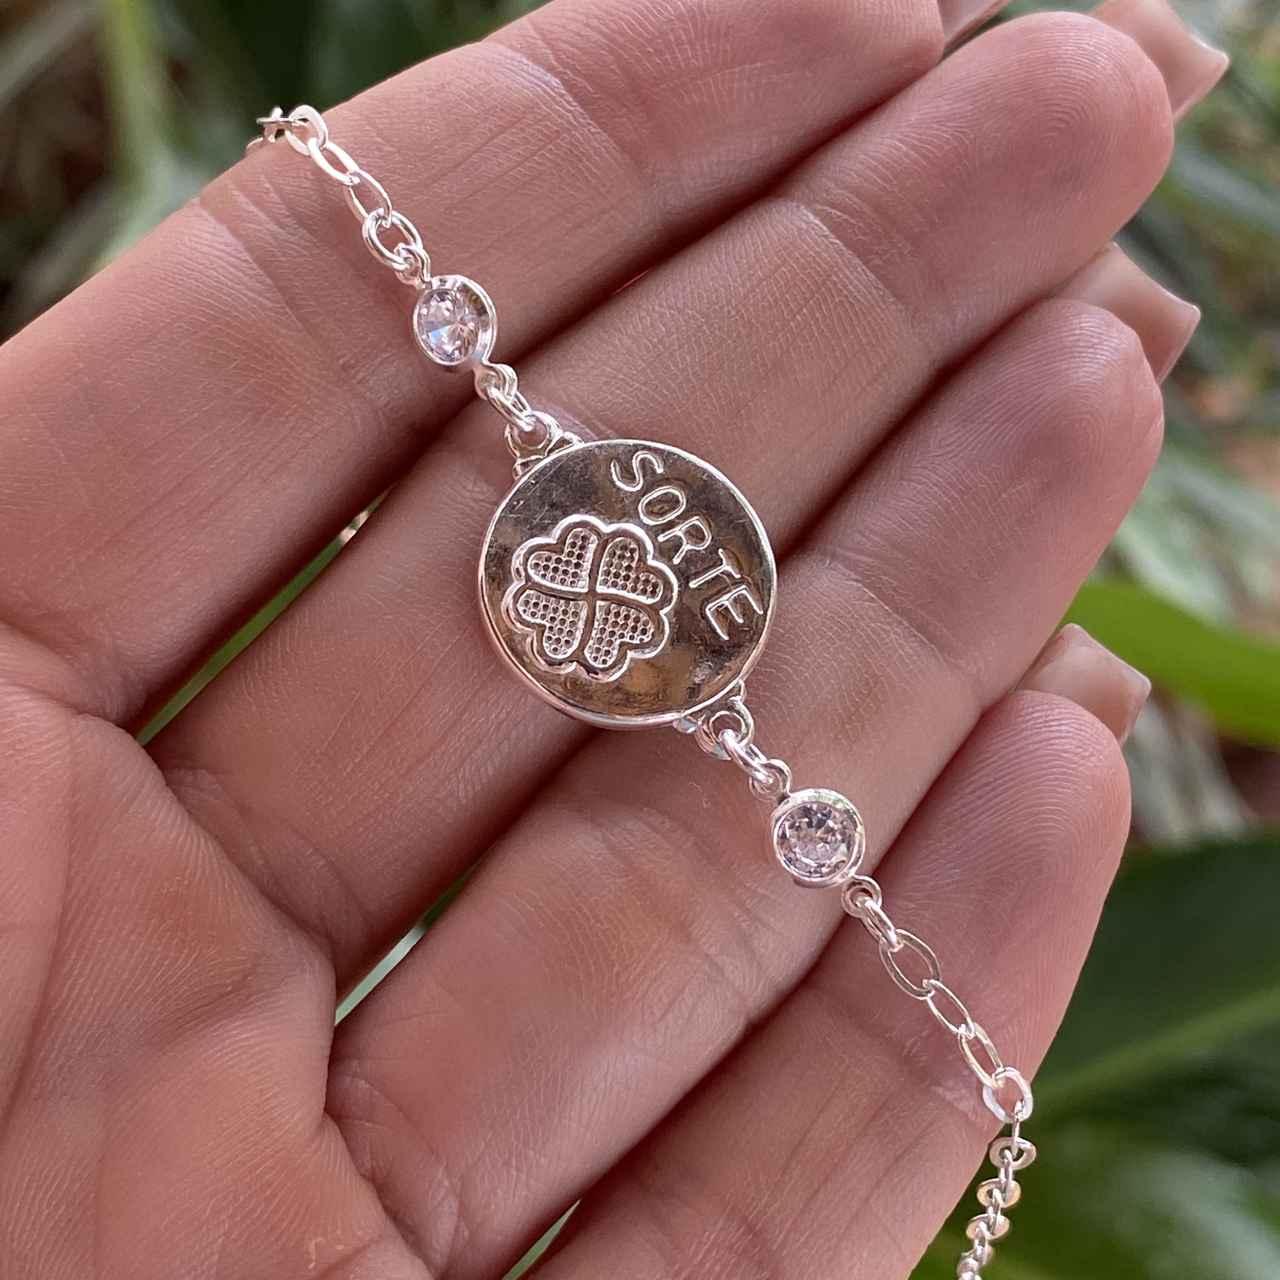 Pulseira de Prata 925 Medalha Sorte com Trevo Cristal 19cm